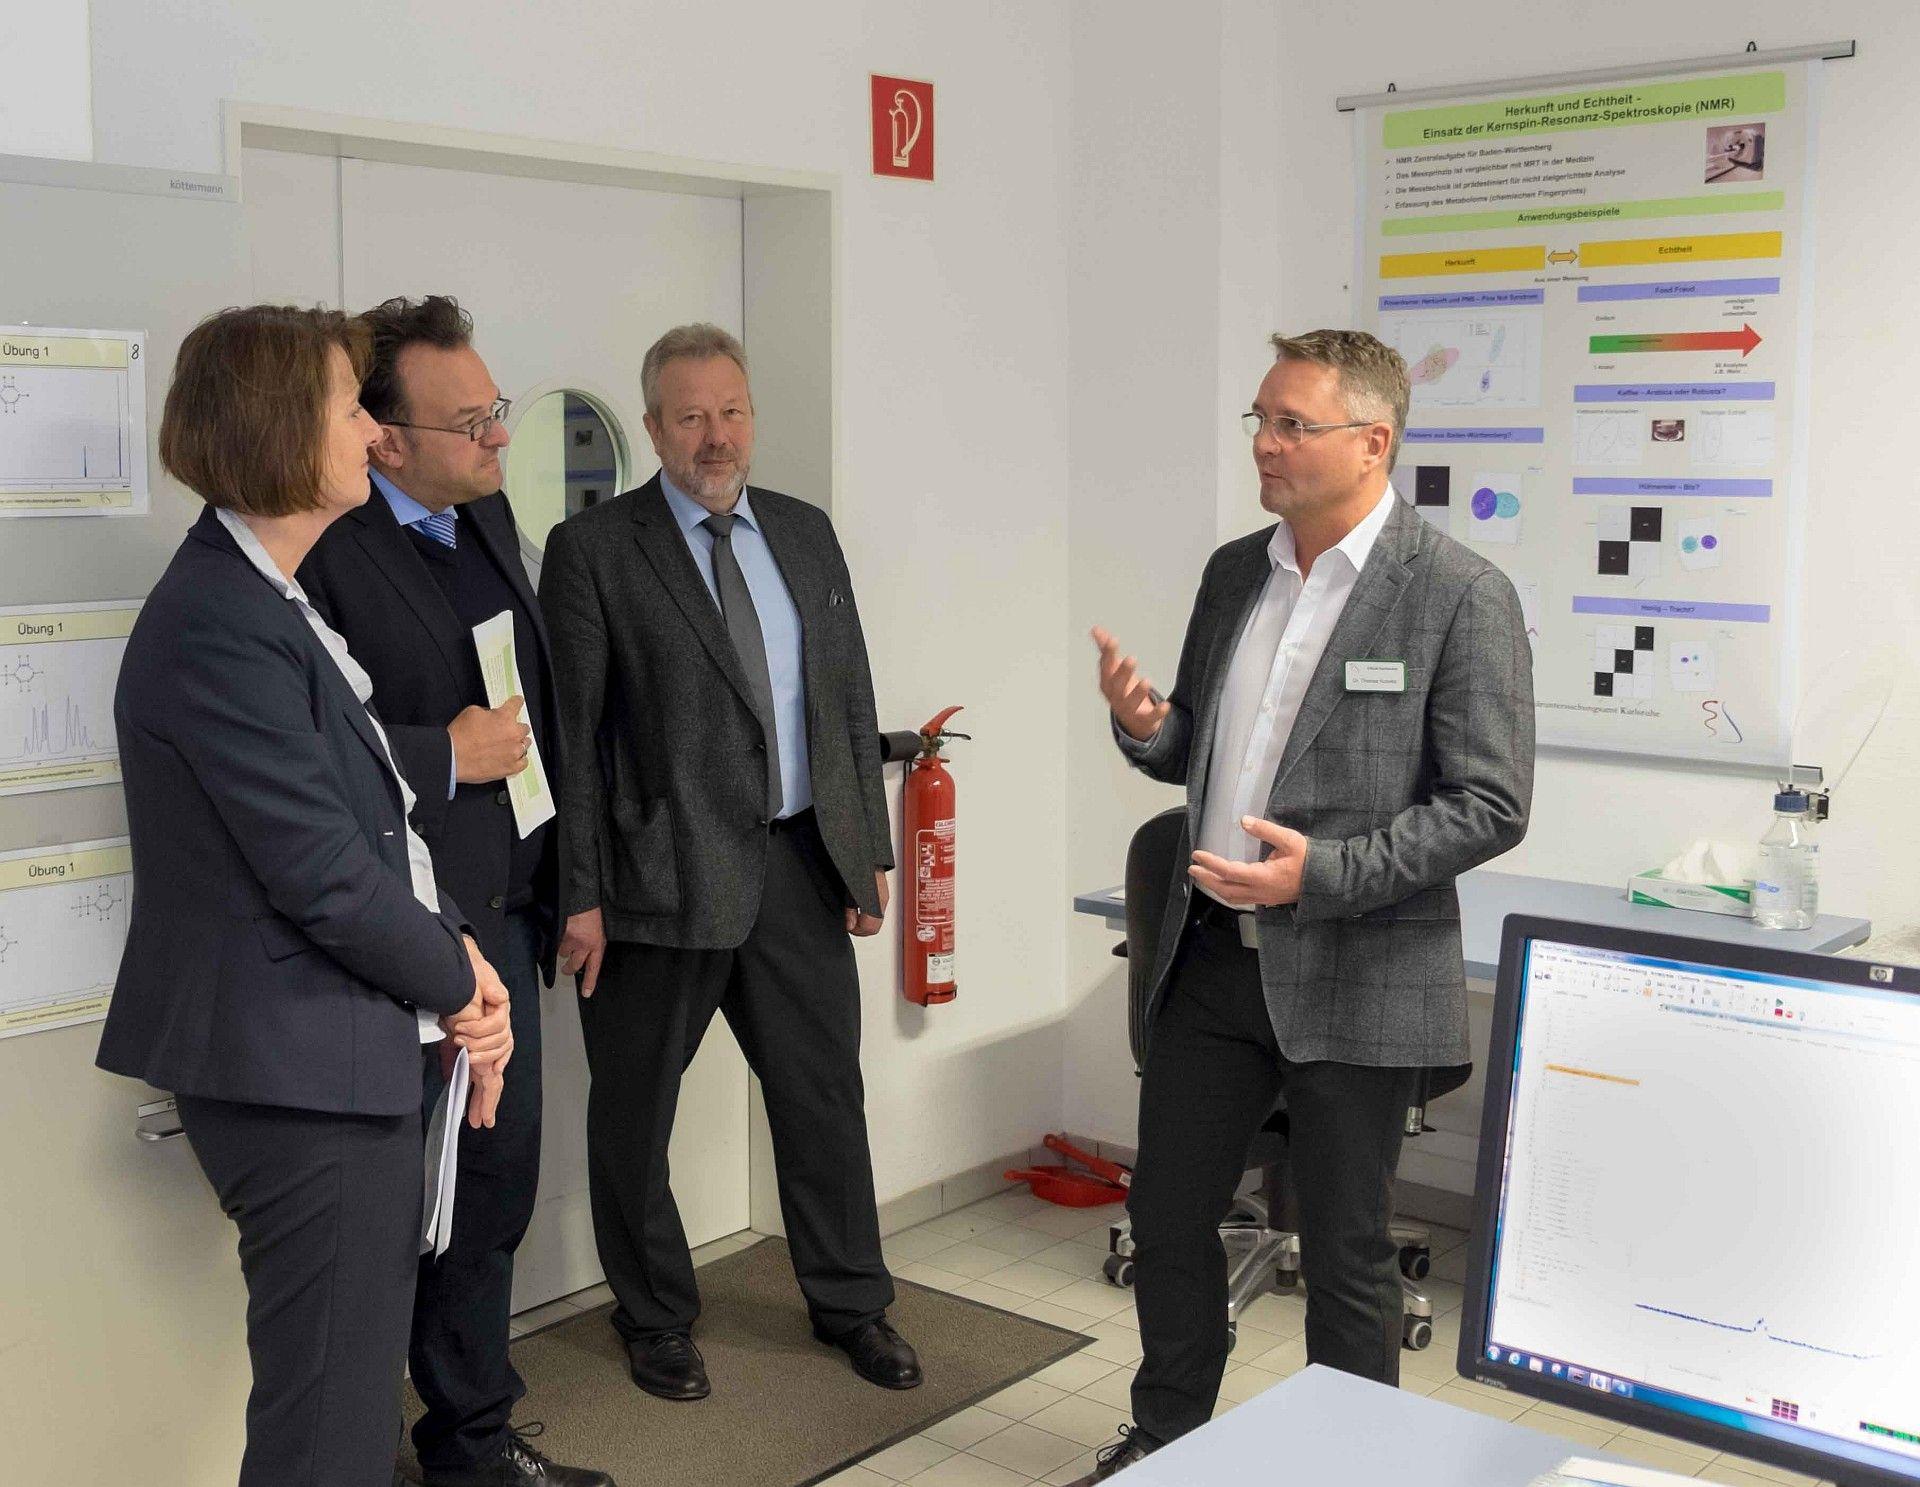 Von links nach rechts im Bild Frau Leukhardt, Herr Walch (Dienststellenleiter des CVUA Karlsruhe), sein Vertreter Herr Dr. Marx und Herr Dr. Kuballa. Der Leiter des NMR-Teams. Im Hintergrund sind Poster mit Themen der NMR-Diagnostik erkennbar.